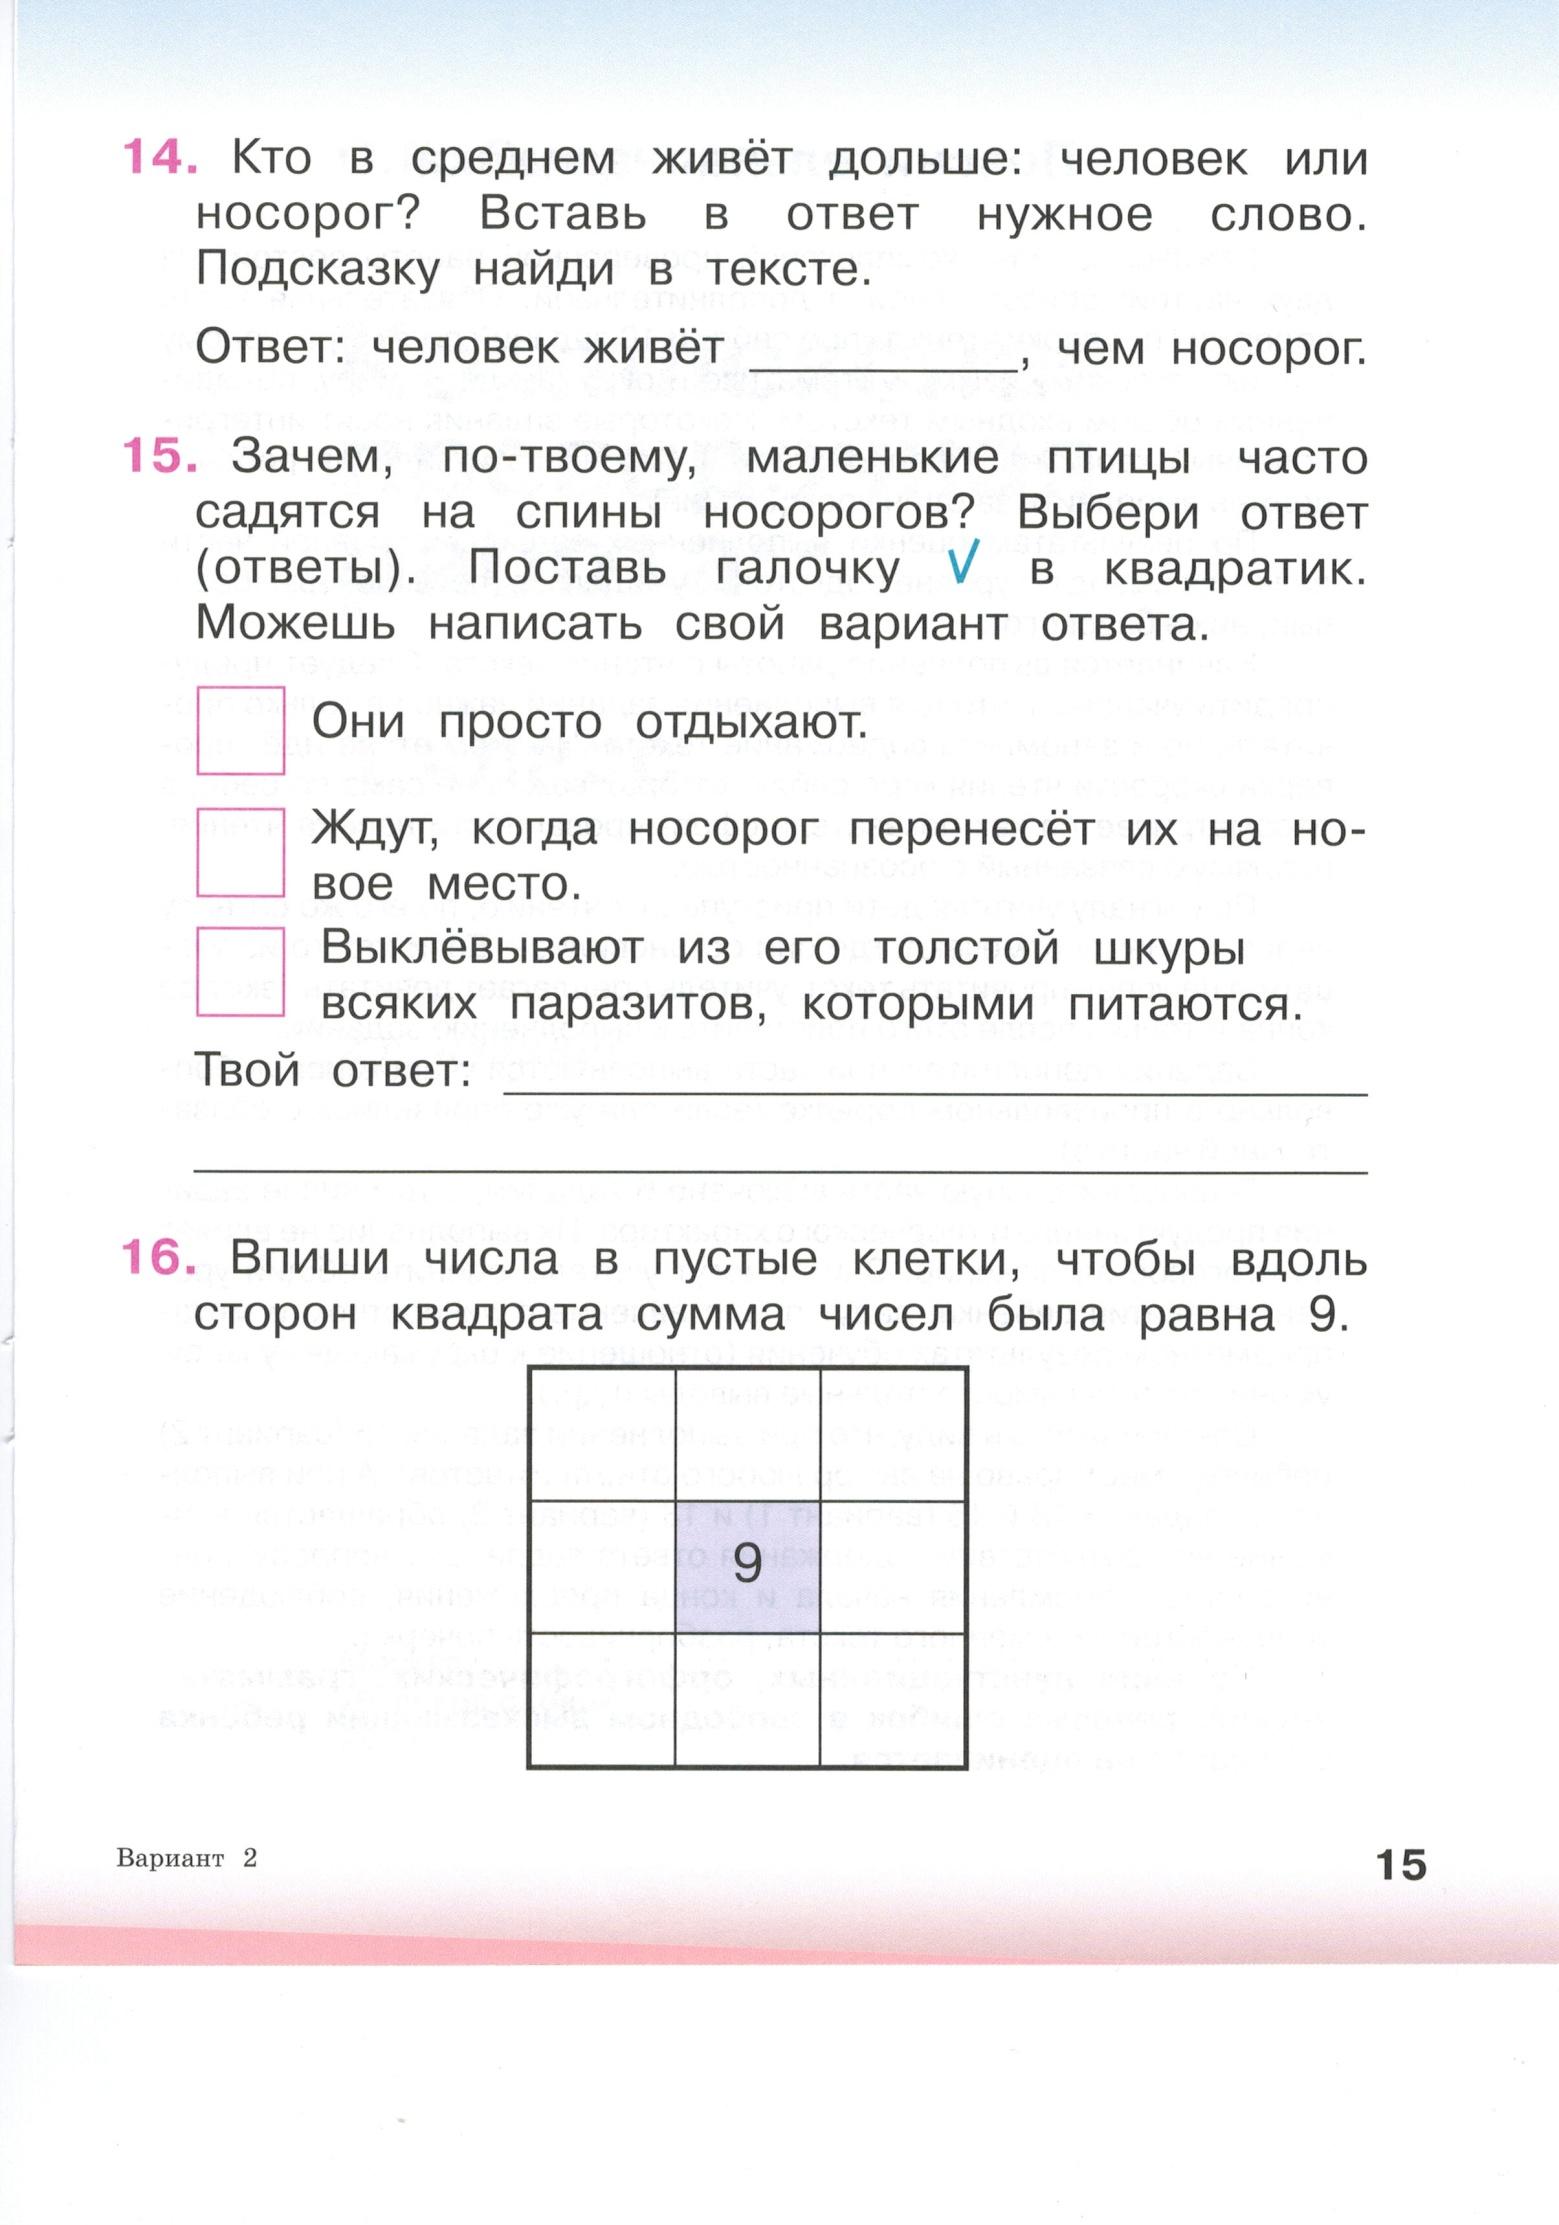 C:\Users\User\Desktop\документы\для Гнездиловой ТА\проверочная работа сканирование- 1класс(тоговая)\CCI21022012_0011.JPG